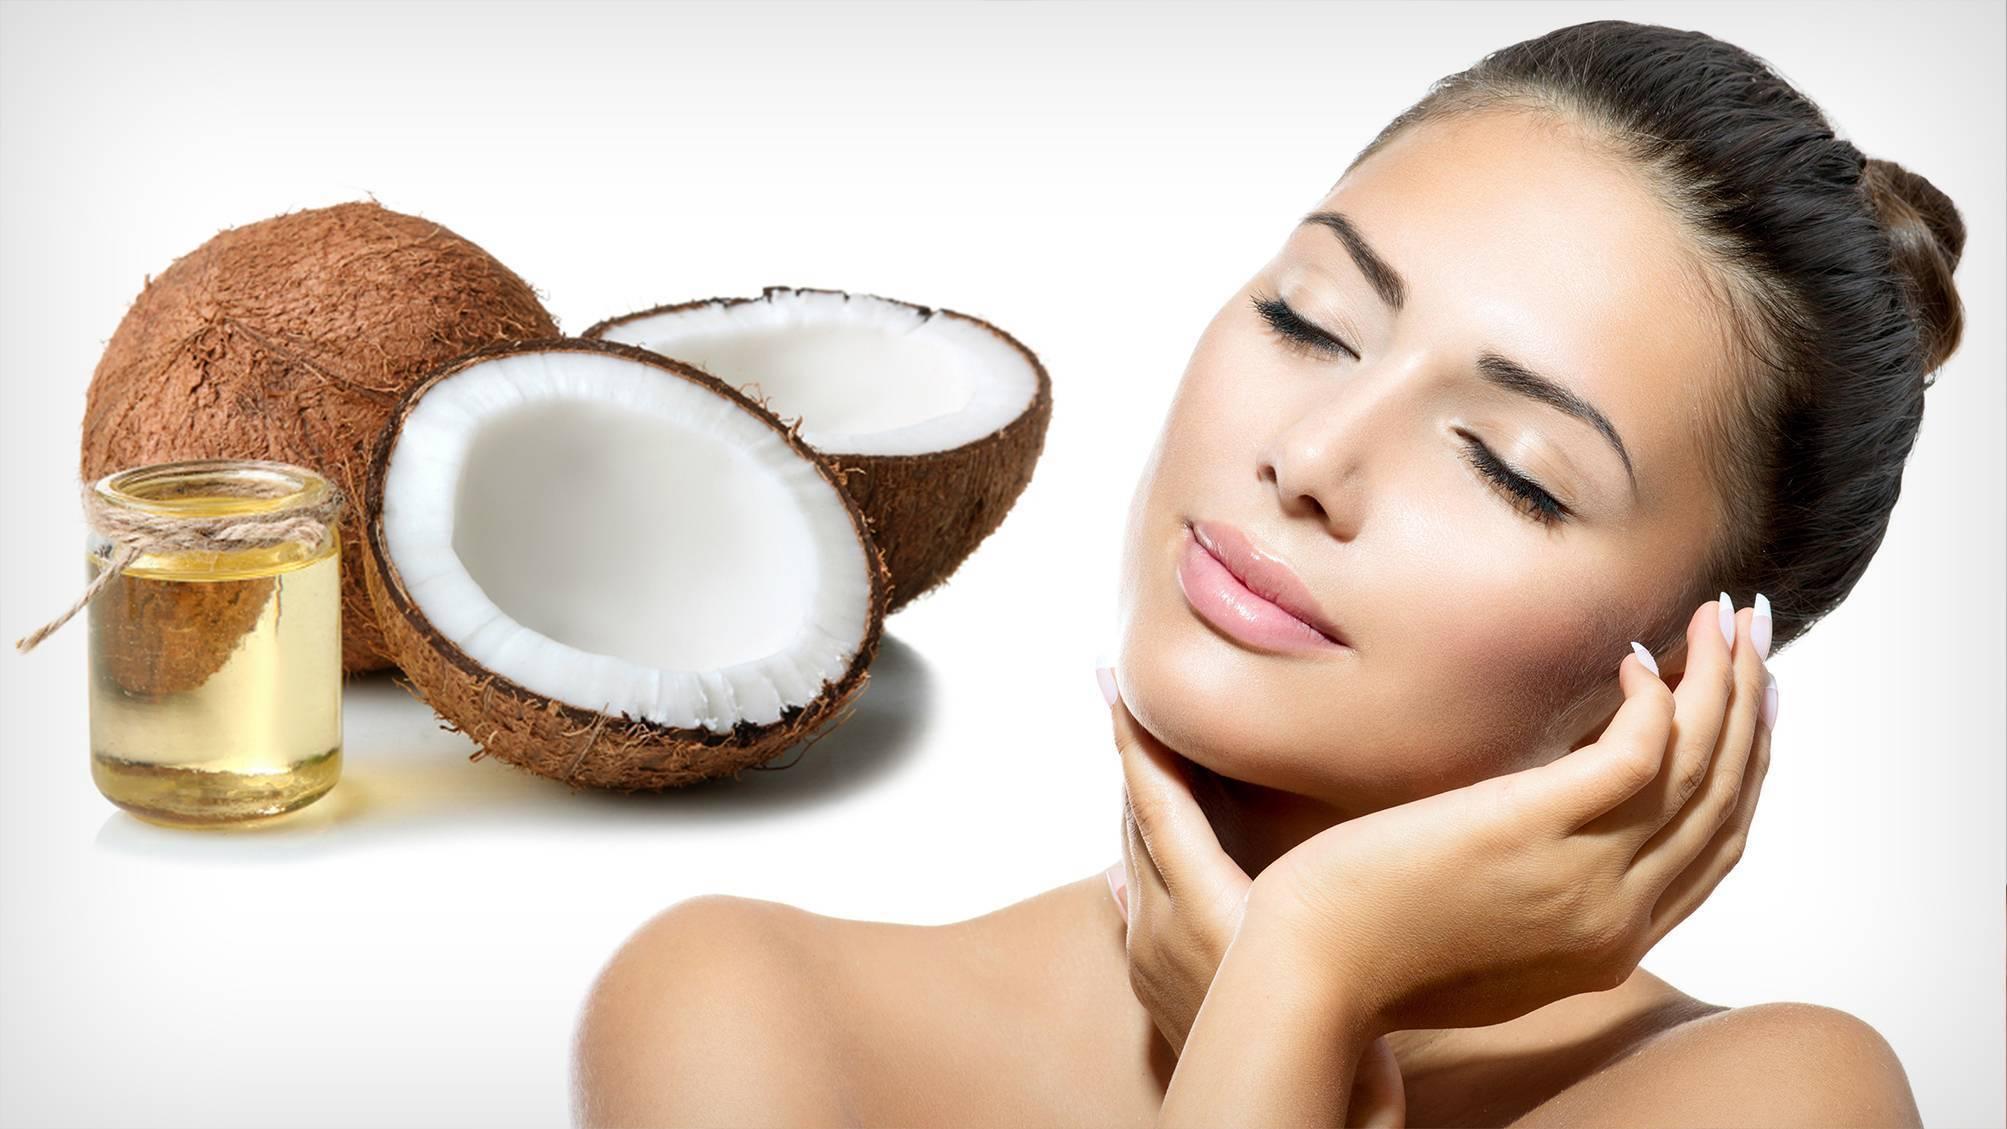 Советы по использованию масла какао в косметических целях